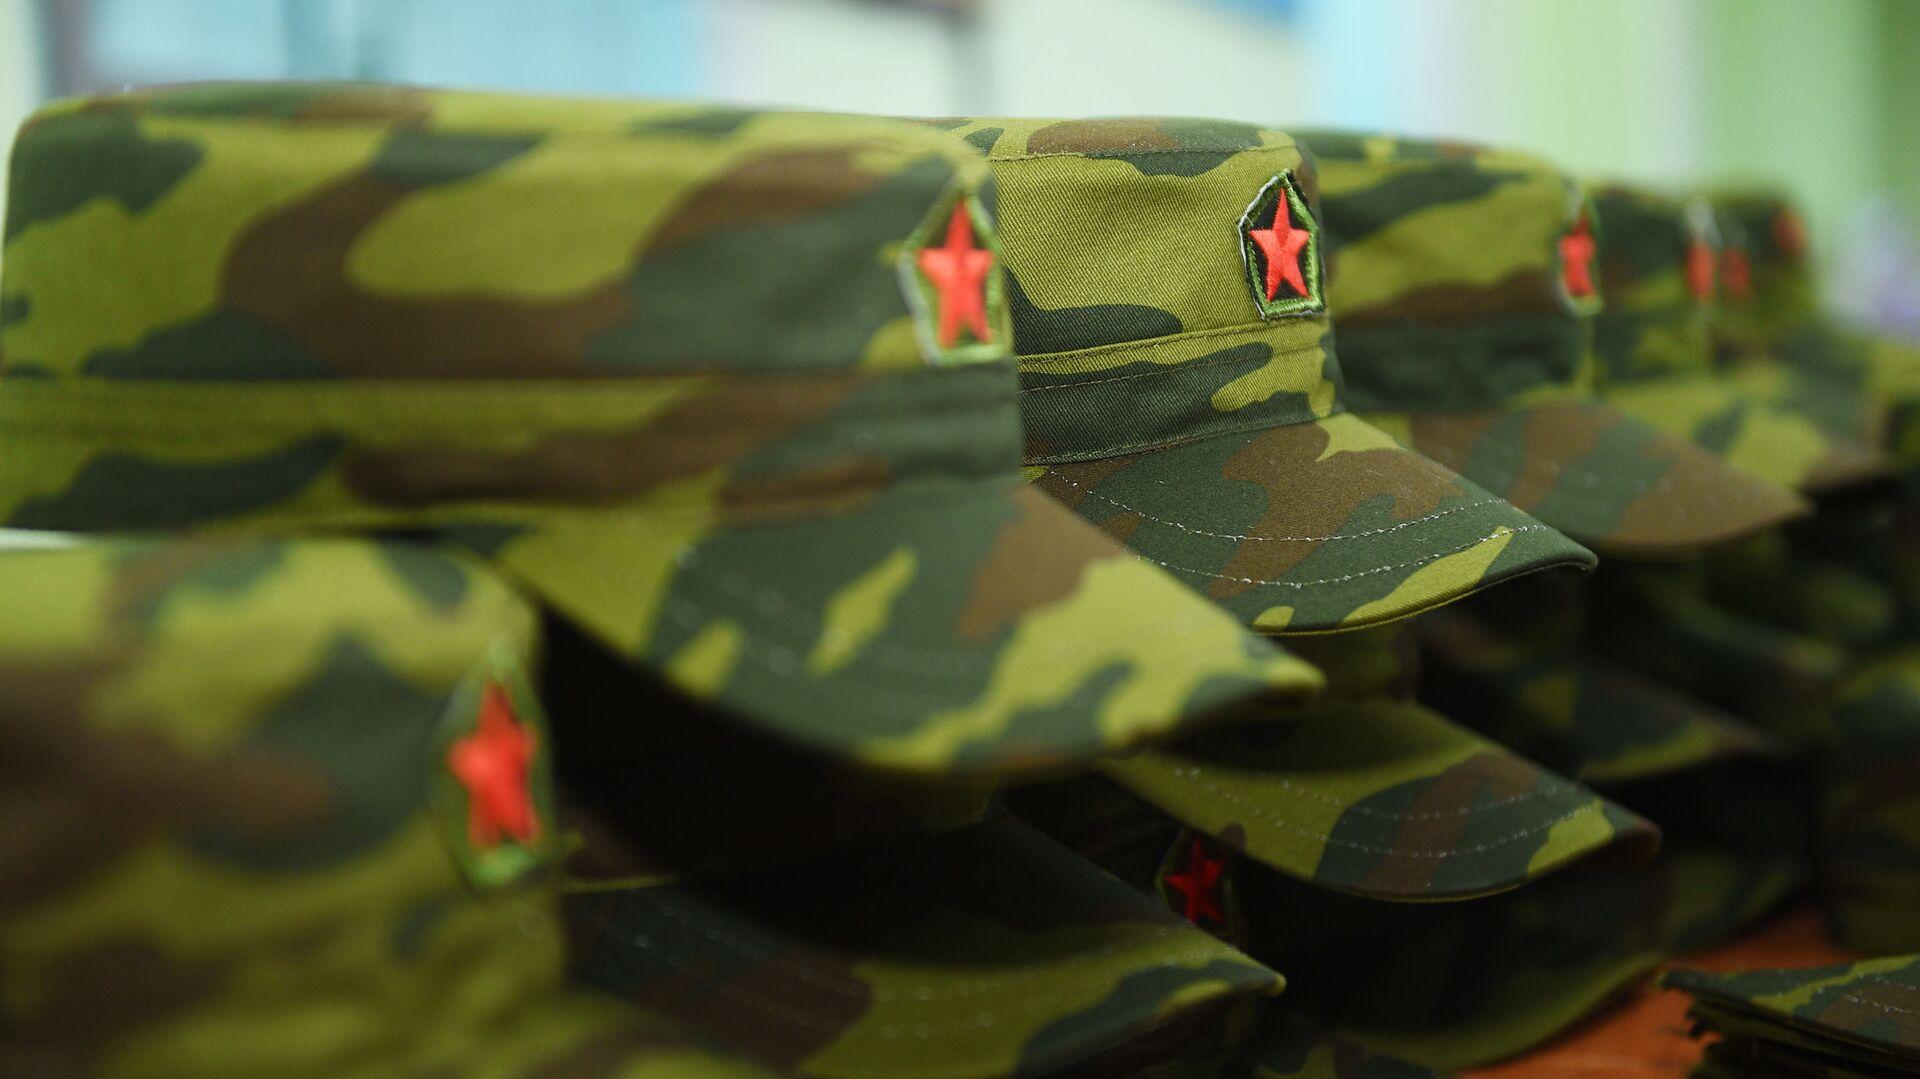 Армейские фуражки на фабрике в Согдийской области - Sputnik Таджикистан, 1920, 17.08.2021